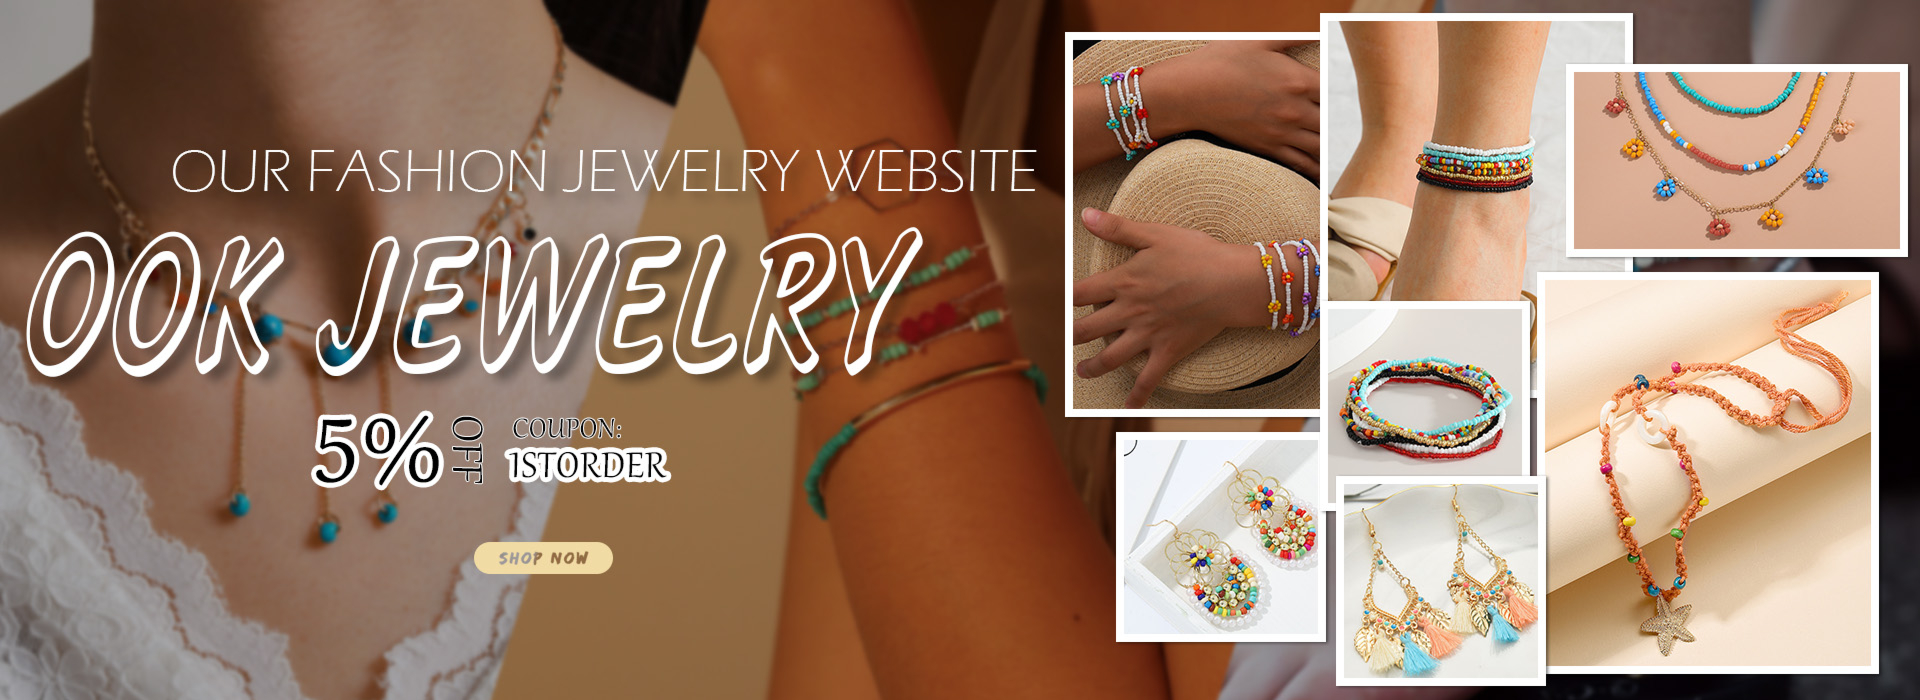 https://www.ookjewelry.com/